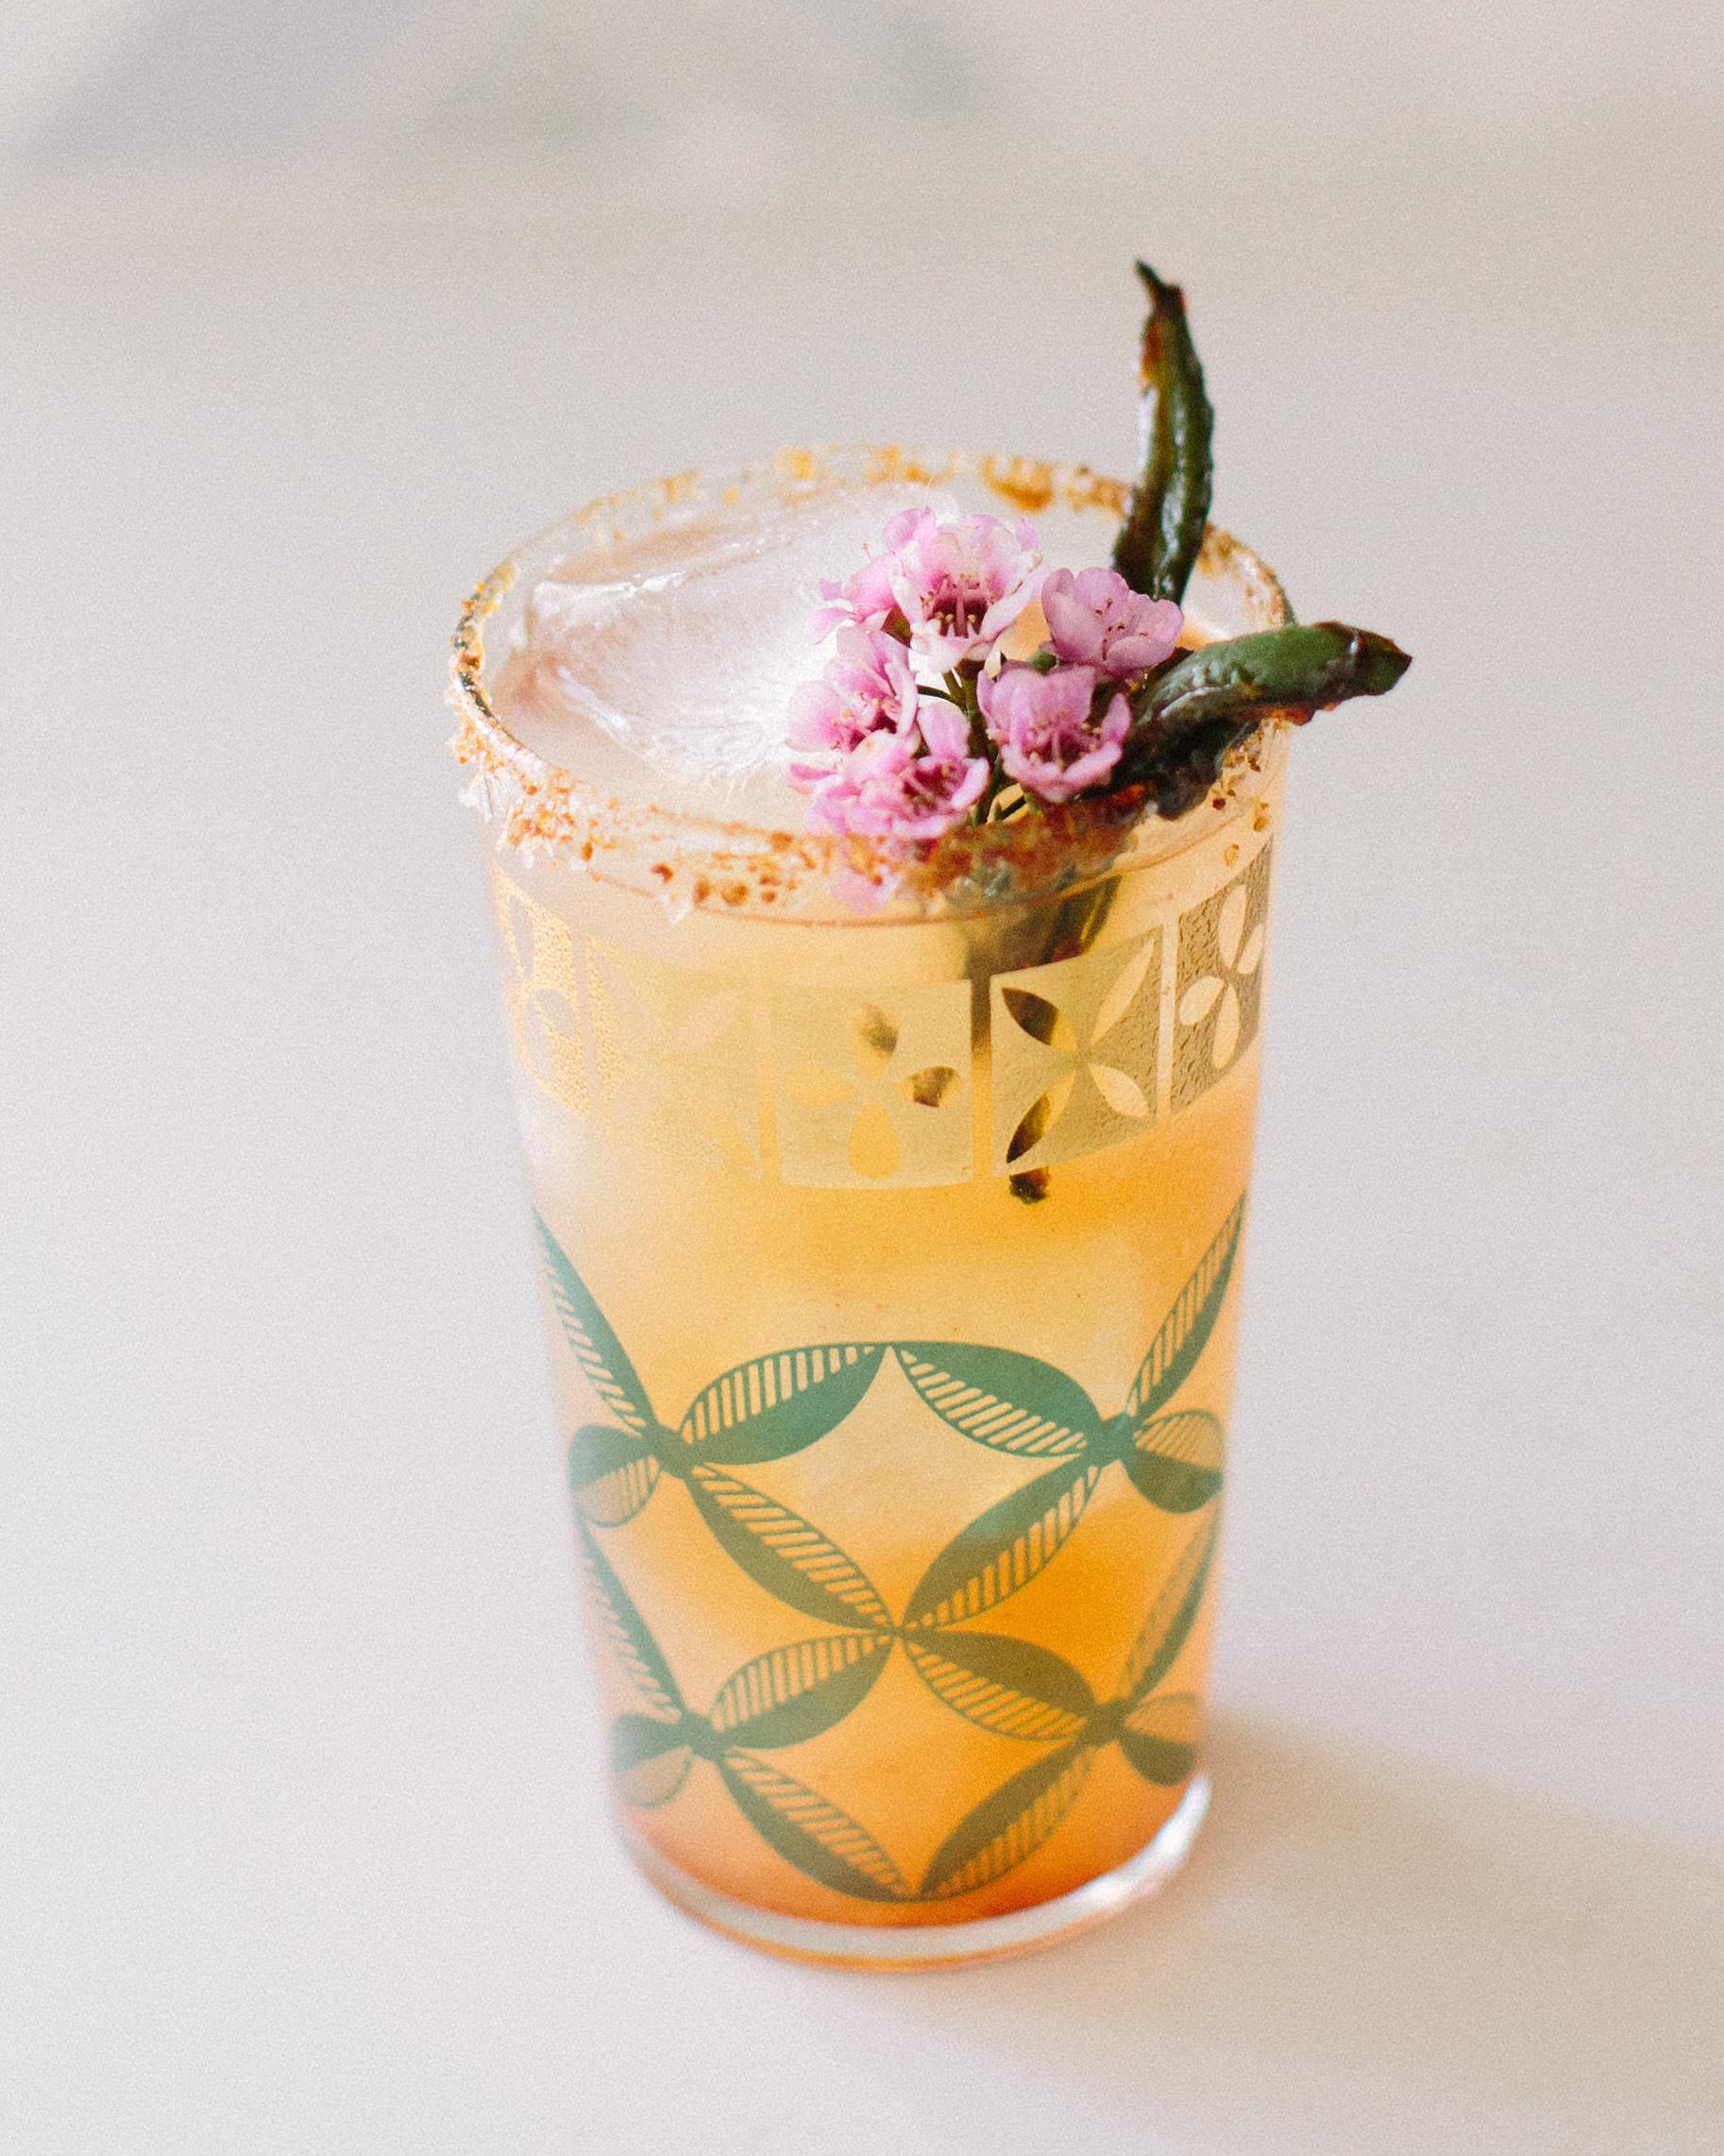 food-trends-craft-cocktails-0116.jpg